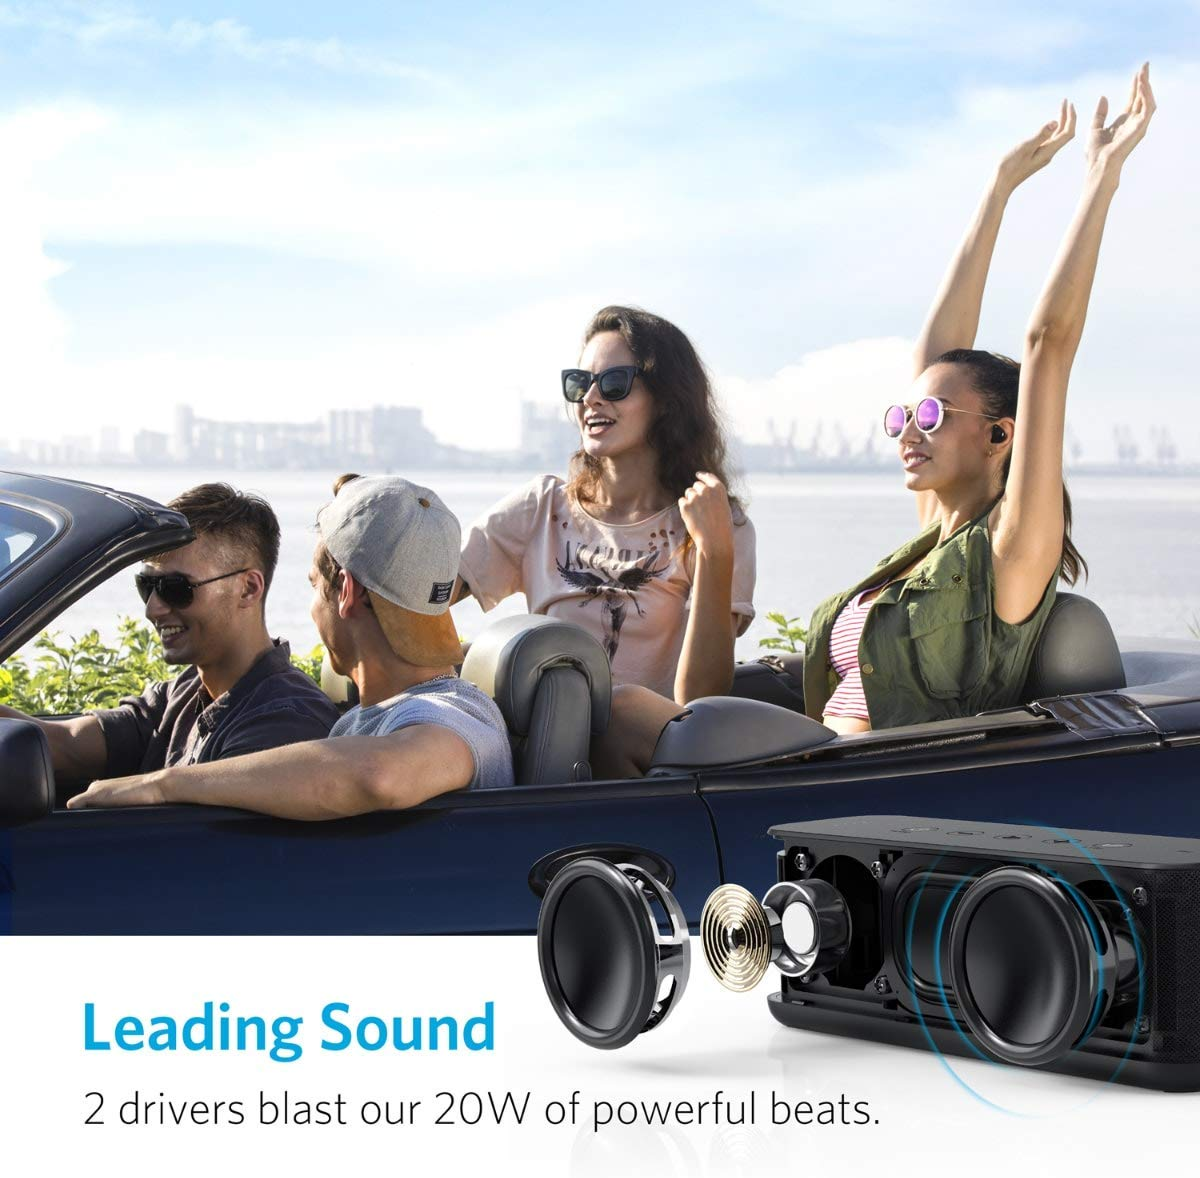 اسپیکر بلوتوثی قابل حمل انکر مدل A3145 SoundCore Boost